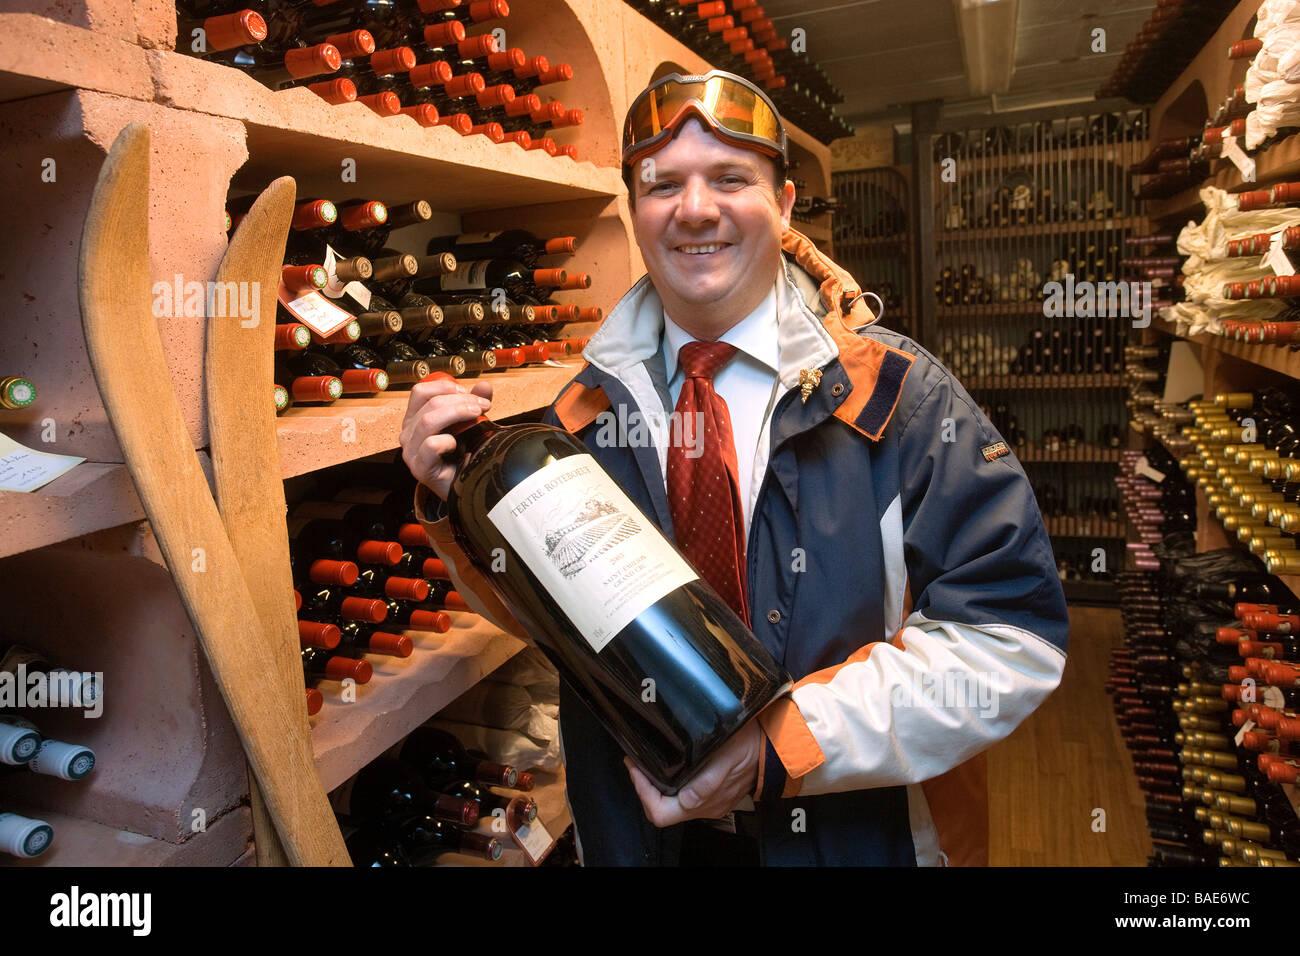 France savoie courchevel le chalet de pierres restaurant on track stock photo 23669672 alamy - Chalet de pierre courchevel ...